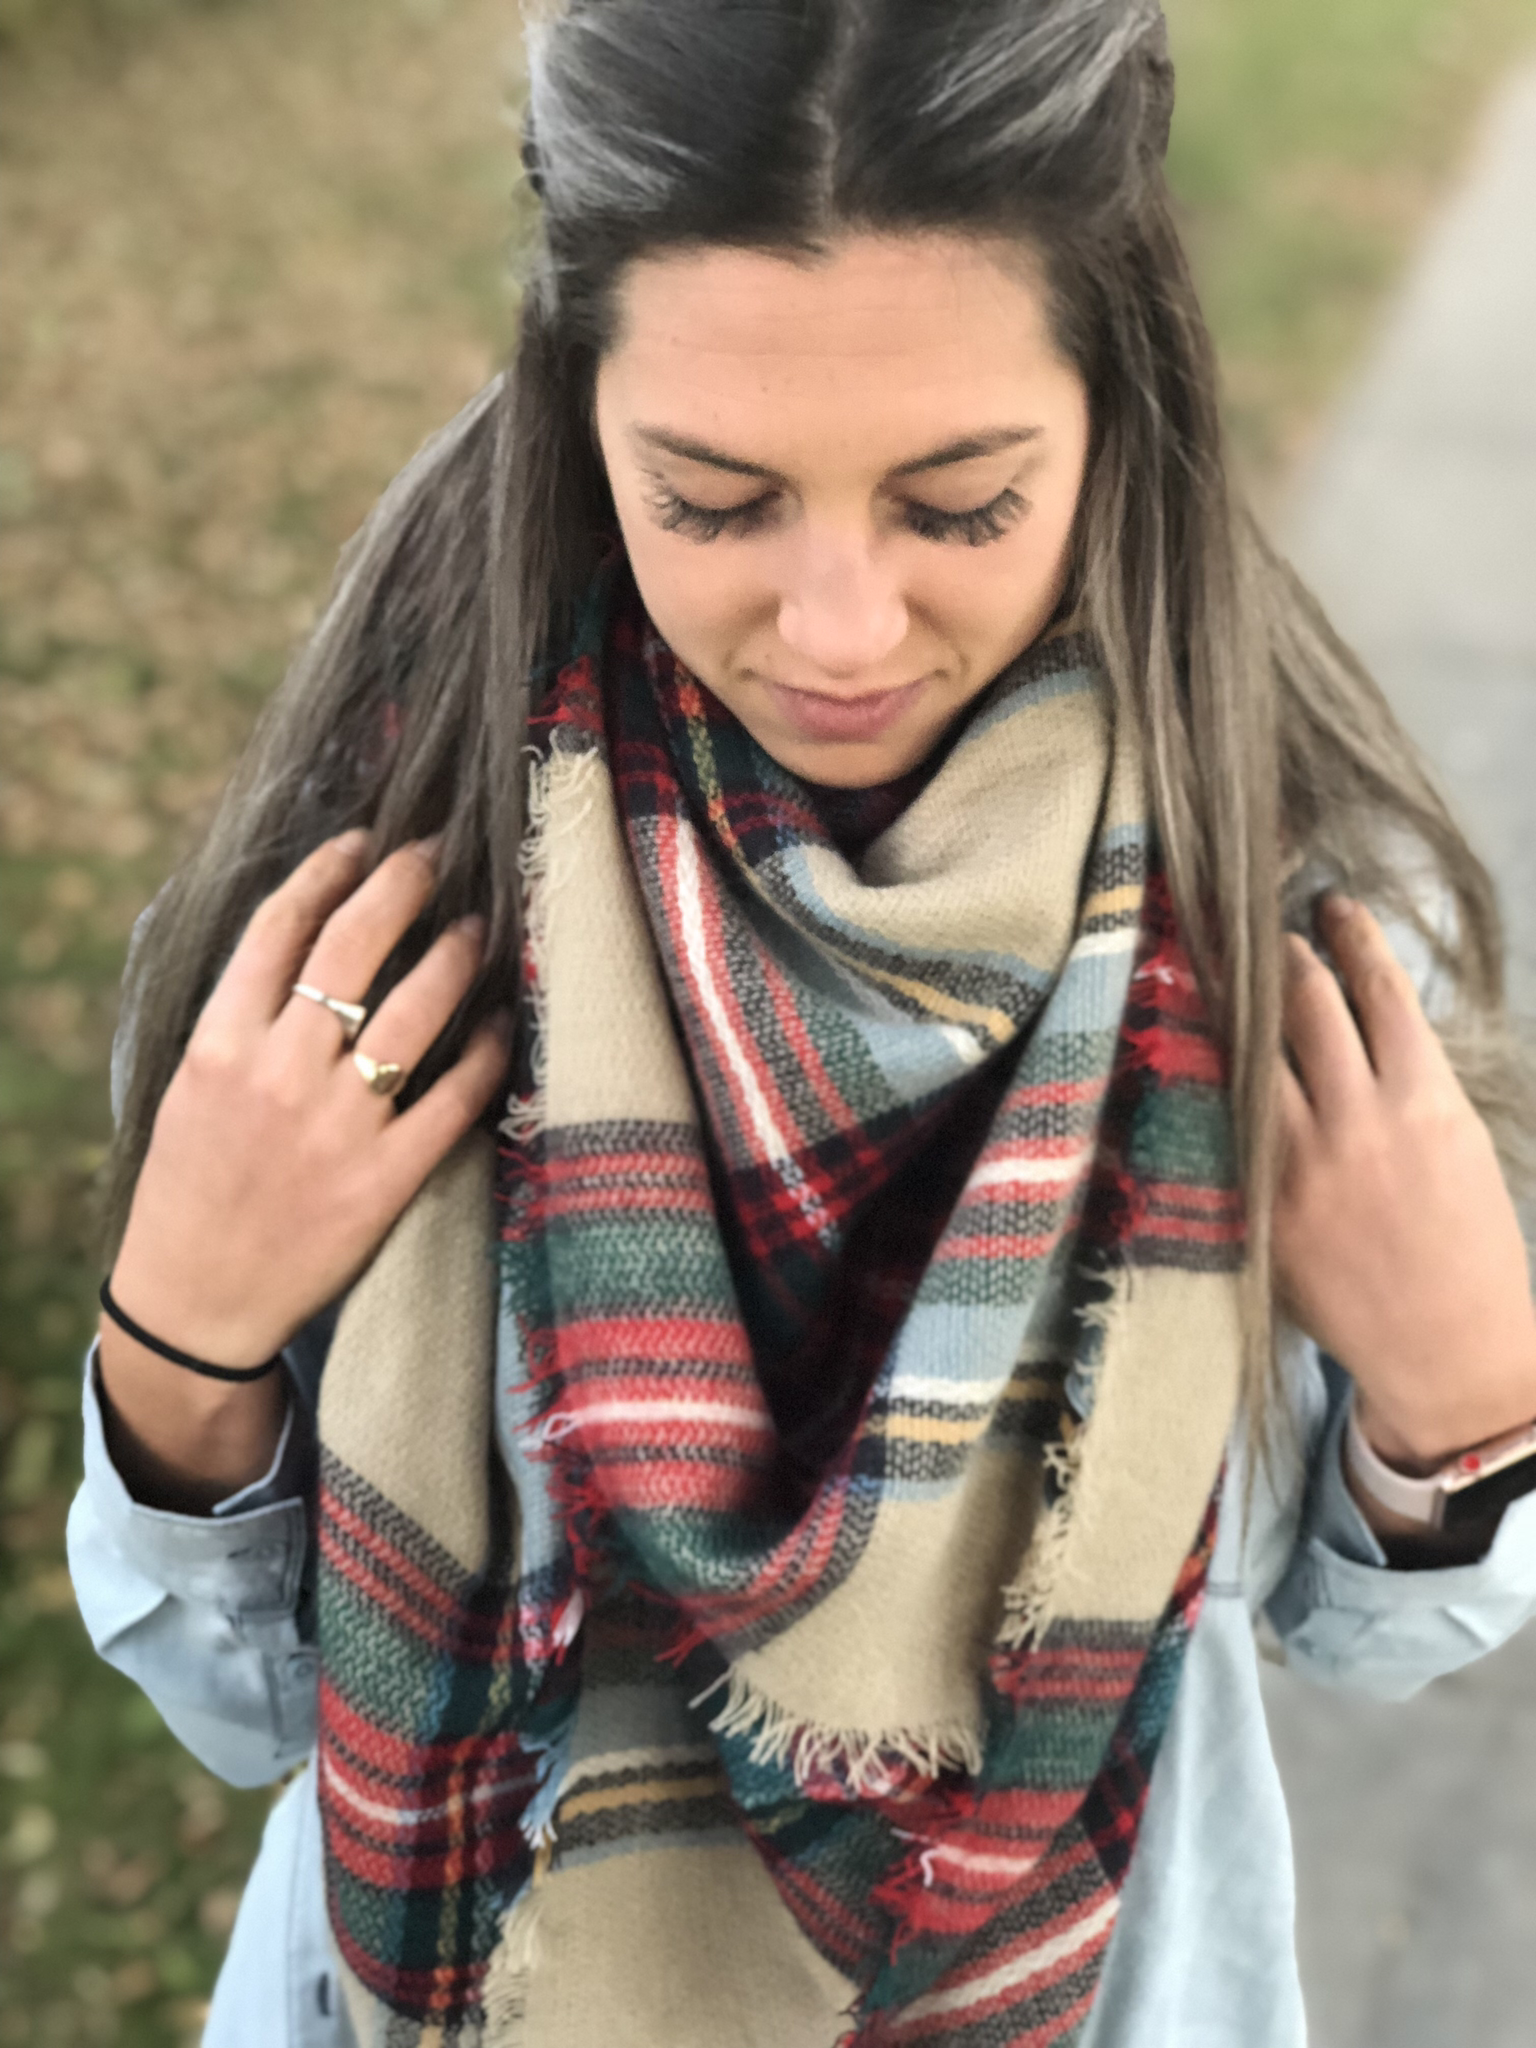 Blanket Scarves -Various Colors - RESTOCK1 9999999763